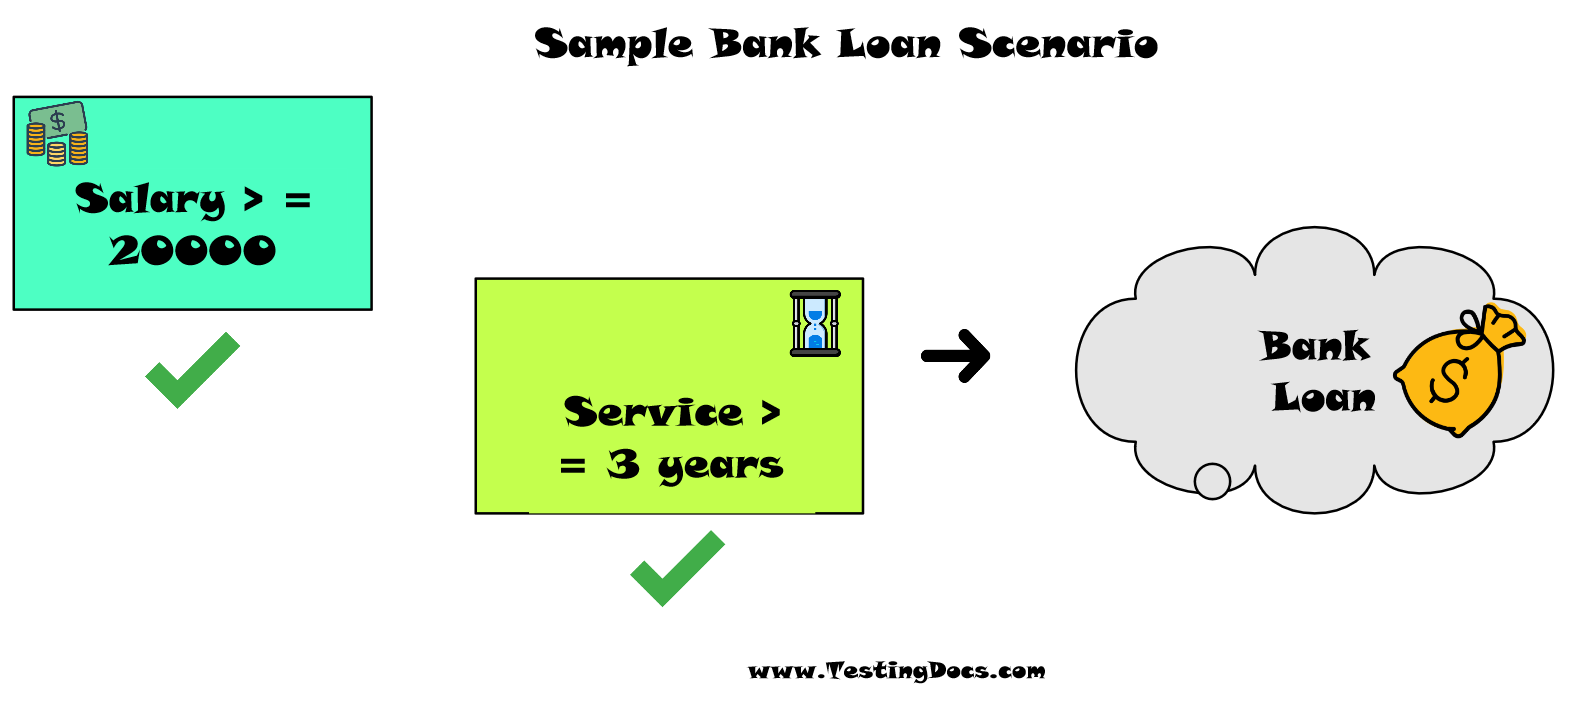 Bank Loan Scenario